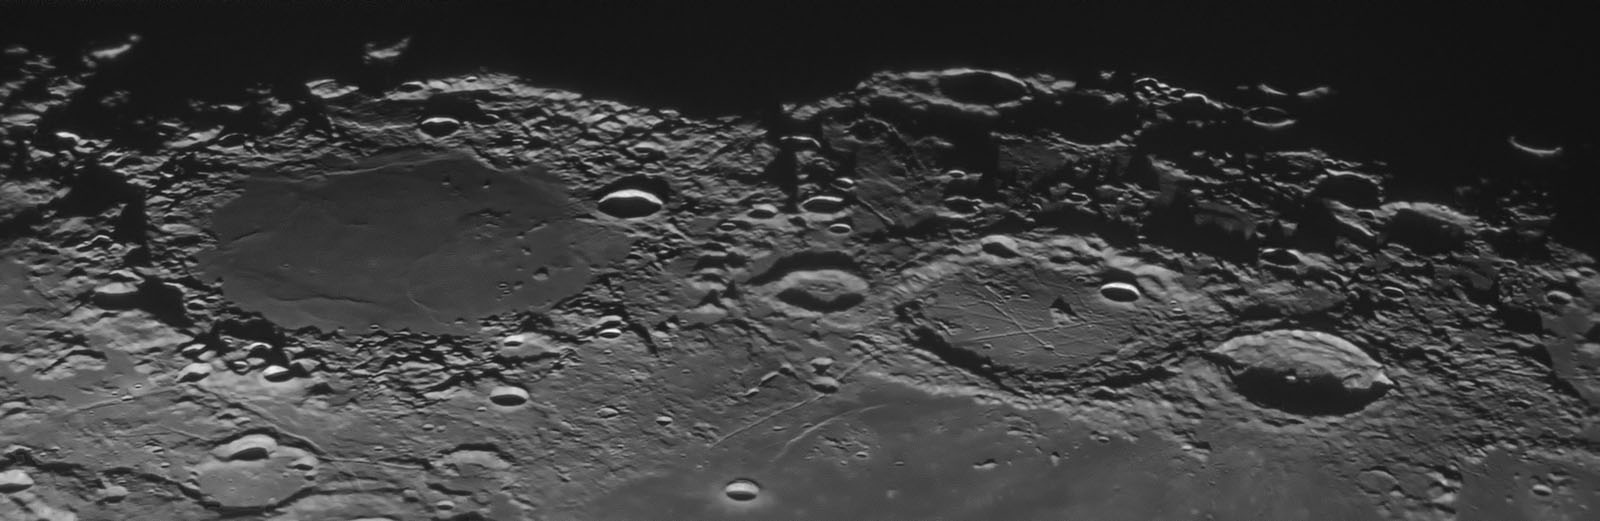 Moon201711023pnikdfw1600